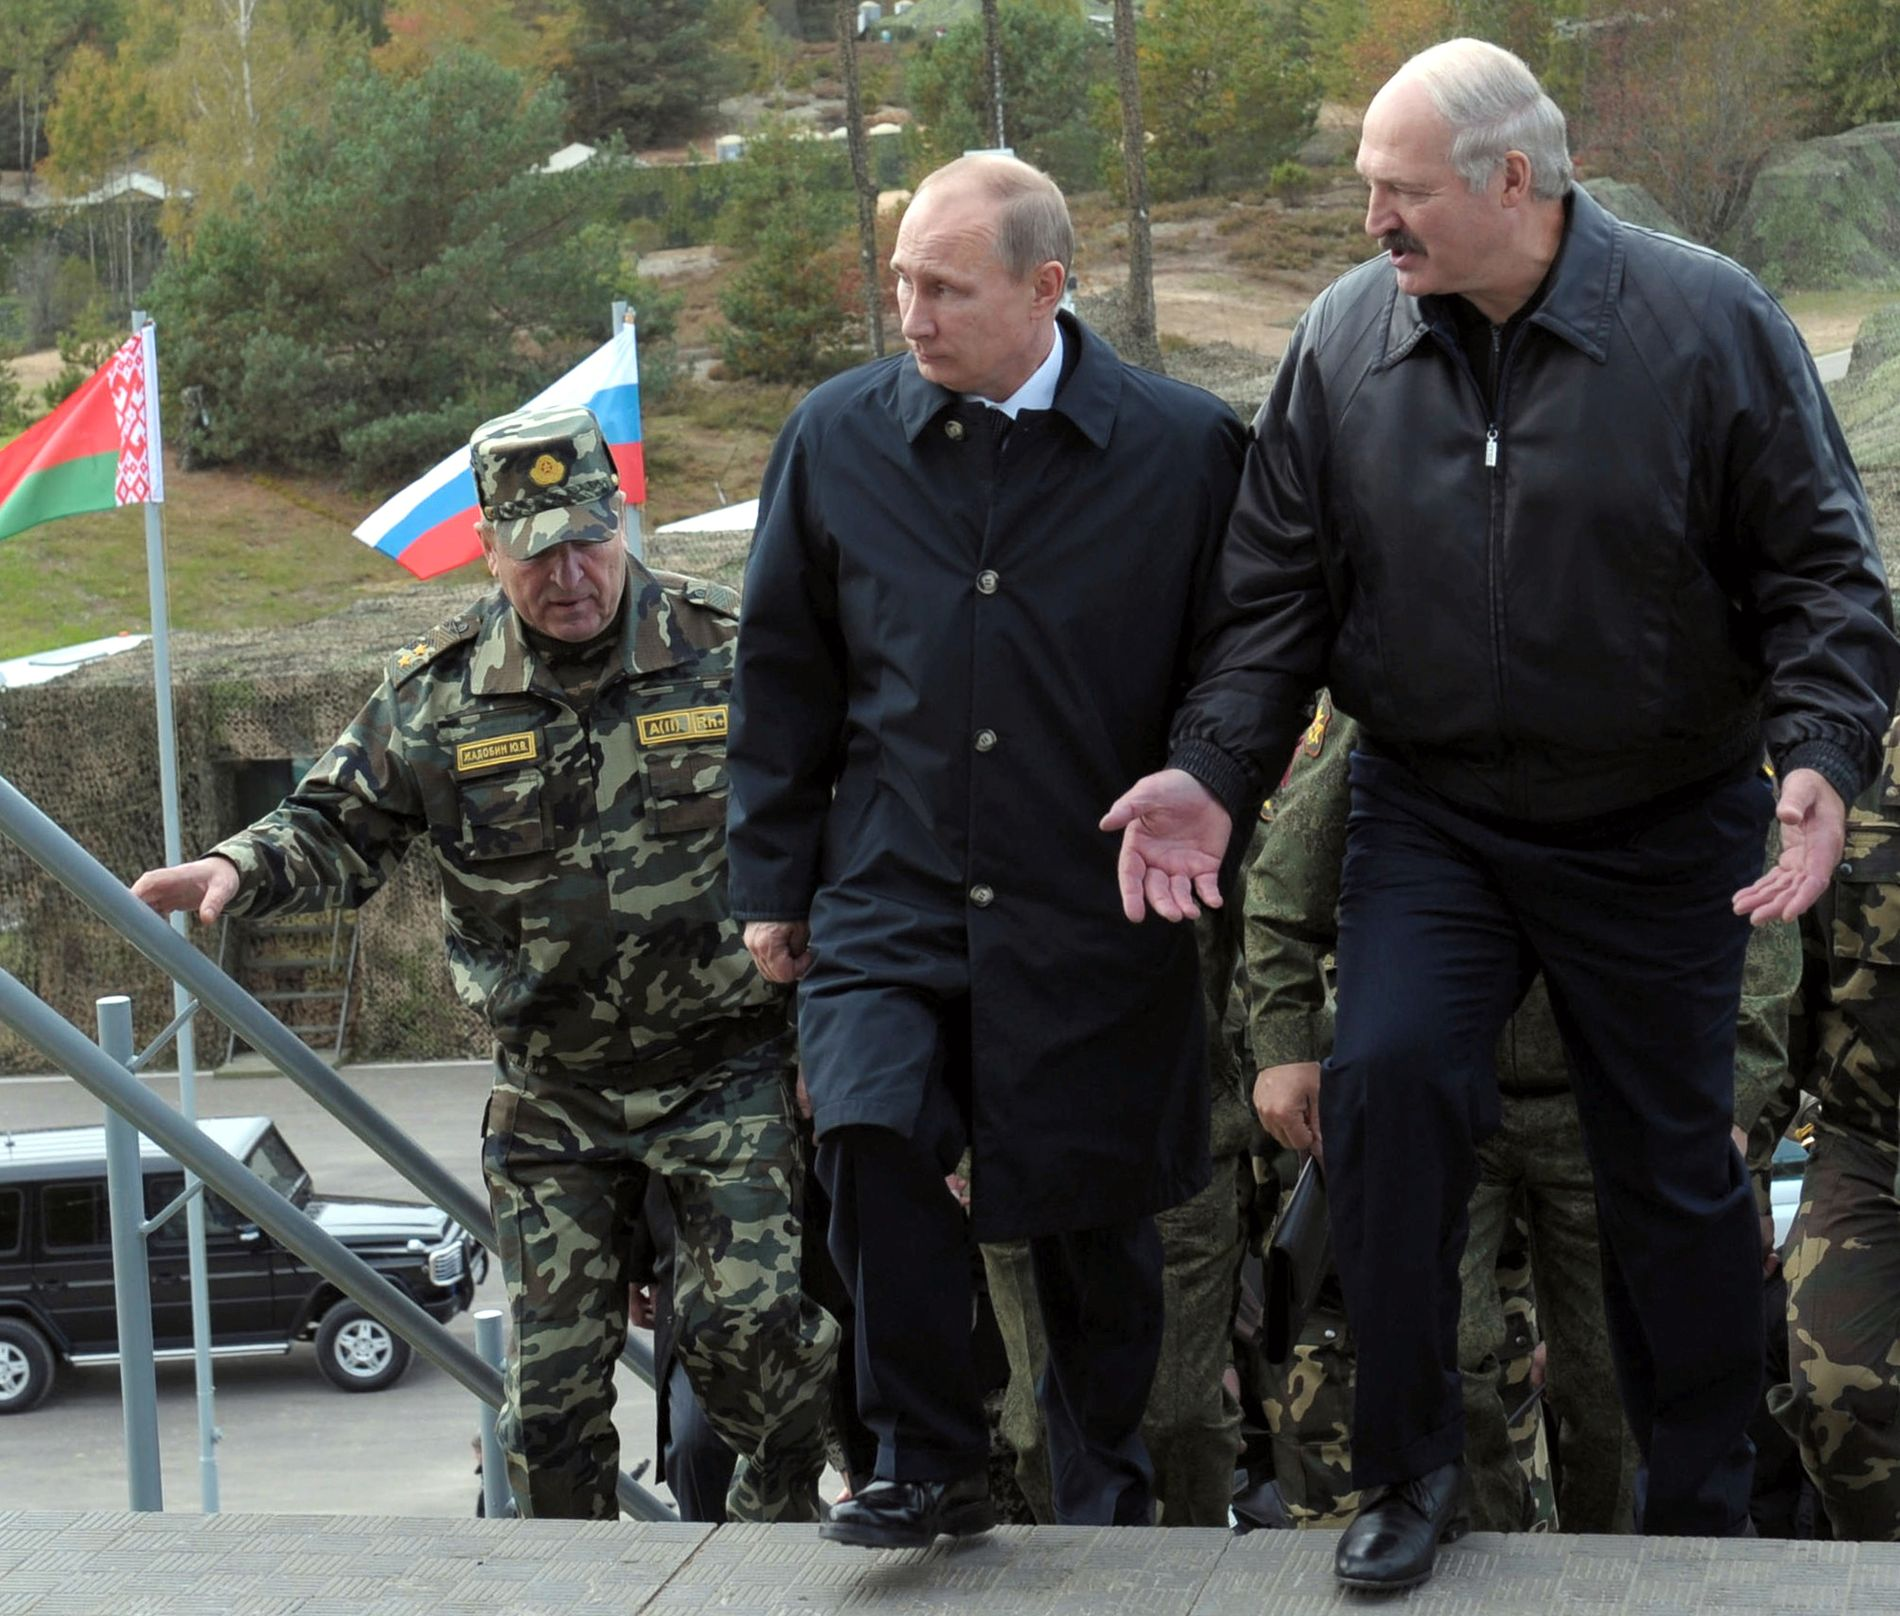 SJEFEN SELV: Russlands president Vladimir Putin (t.v.) og den hviterussiske presidenten Alexander Lukashenko på vei til avslutningsseremonien for Zapad 2013.